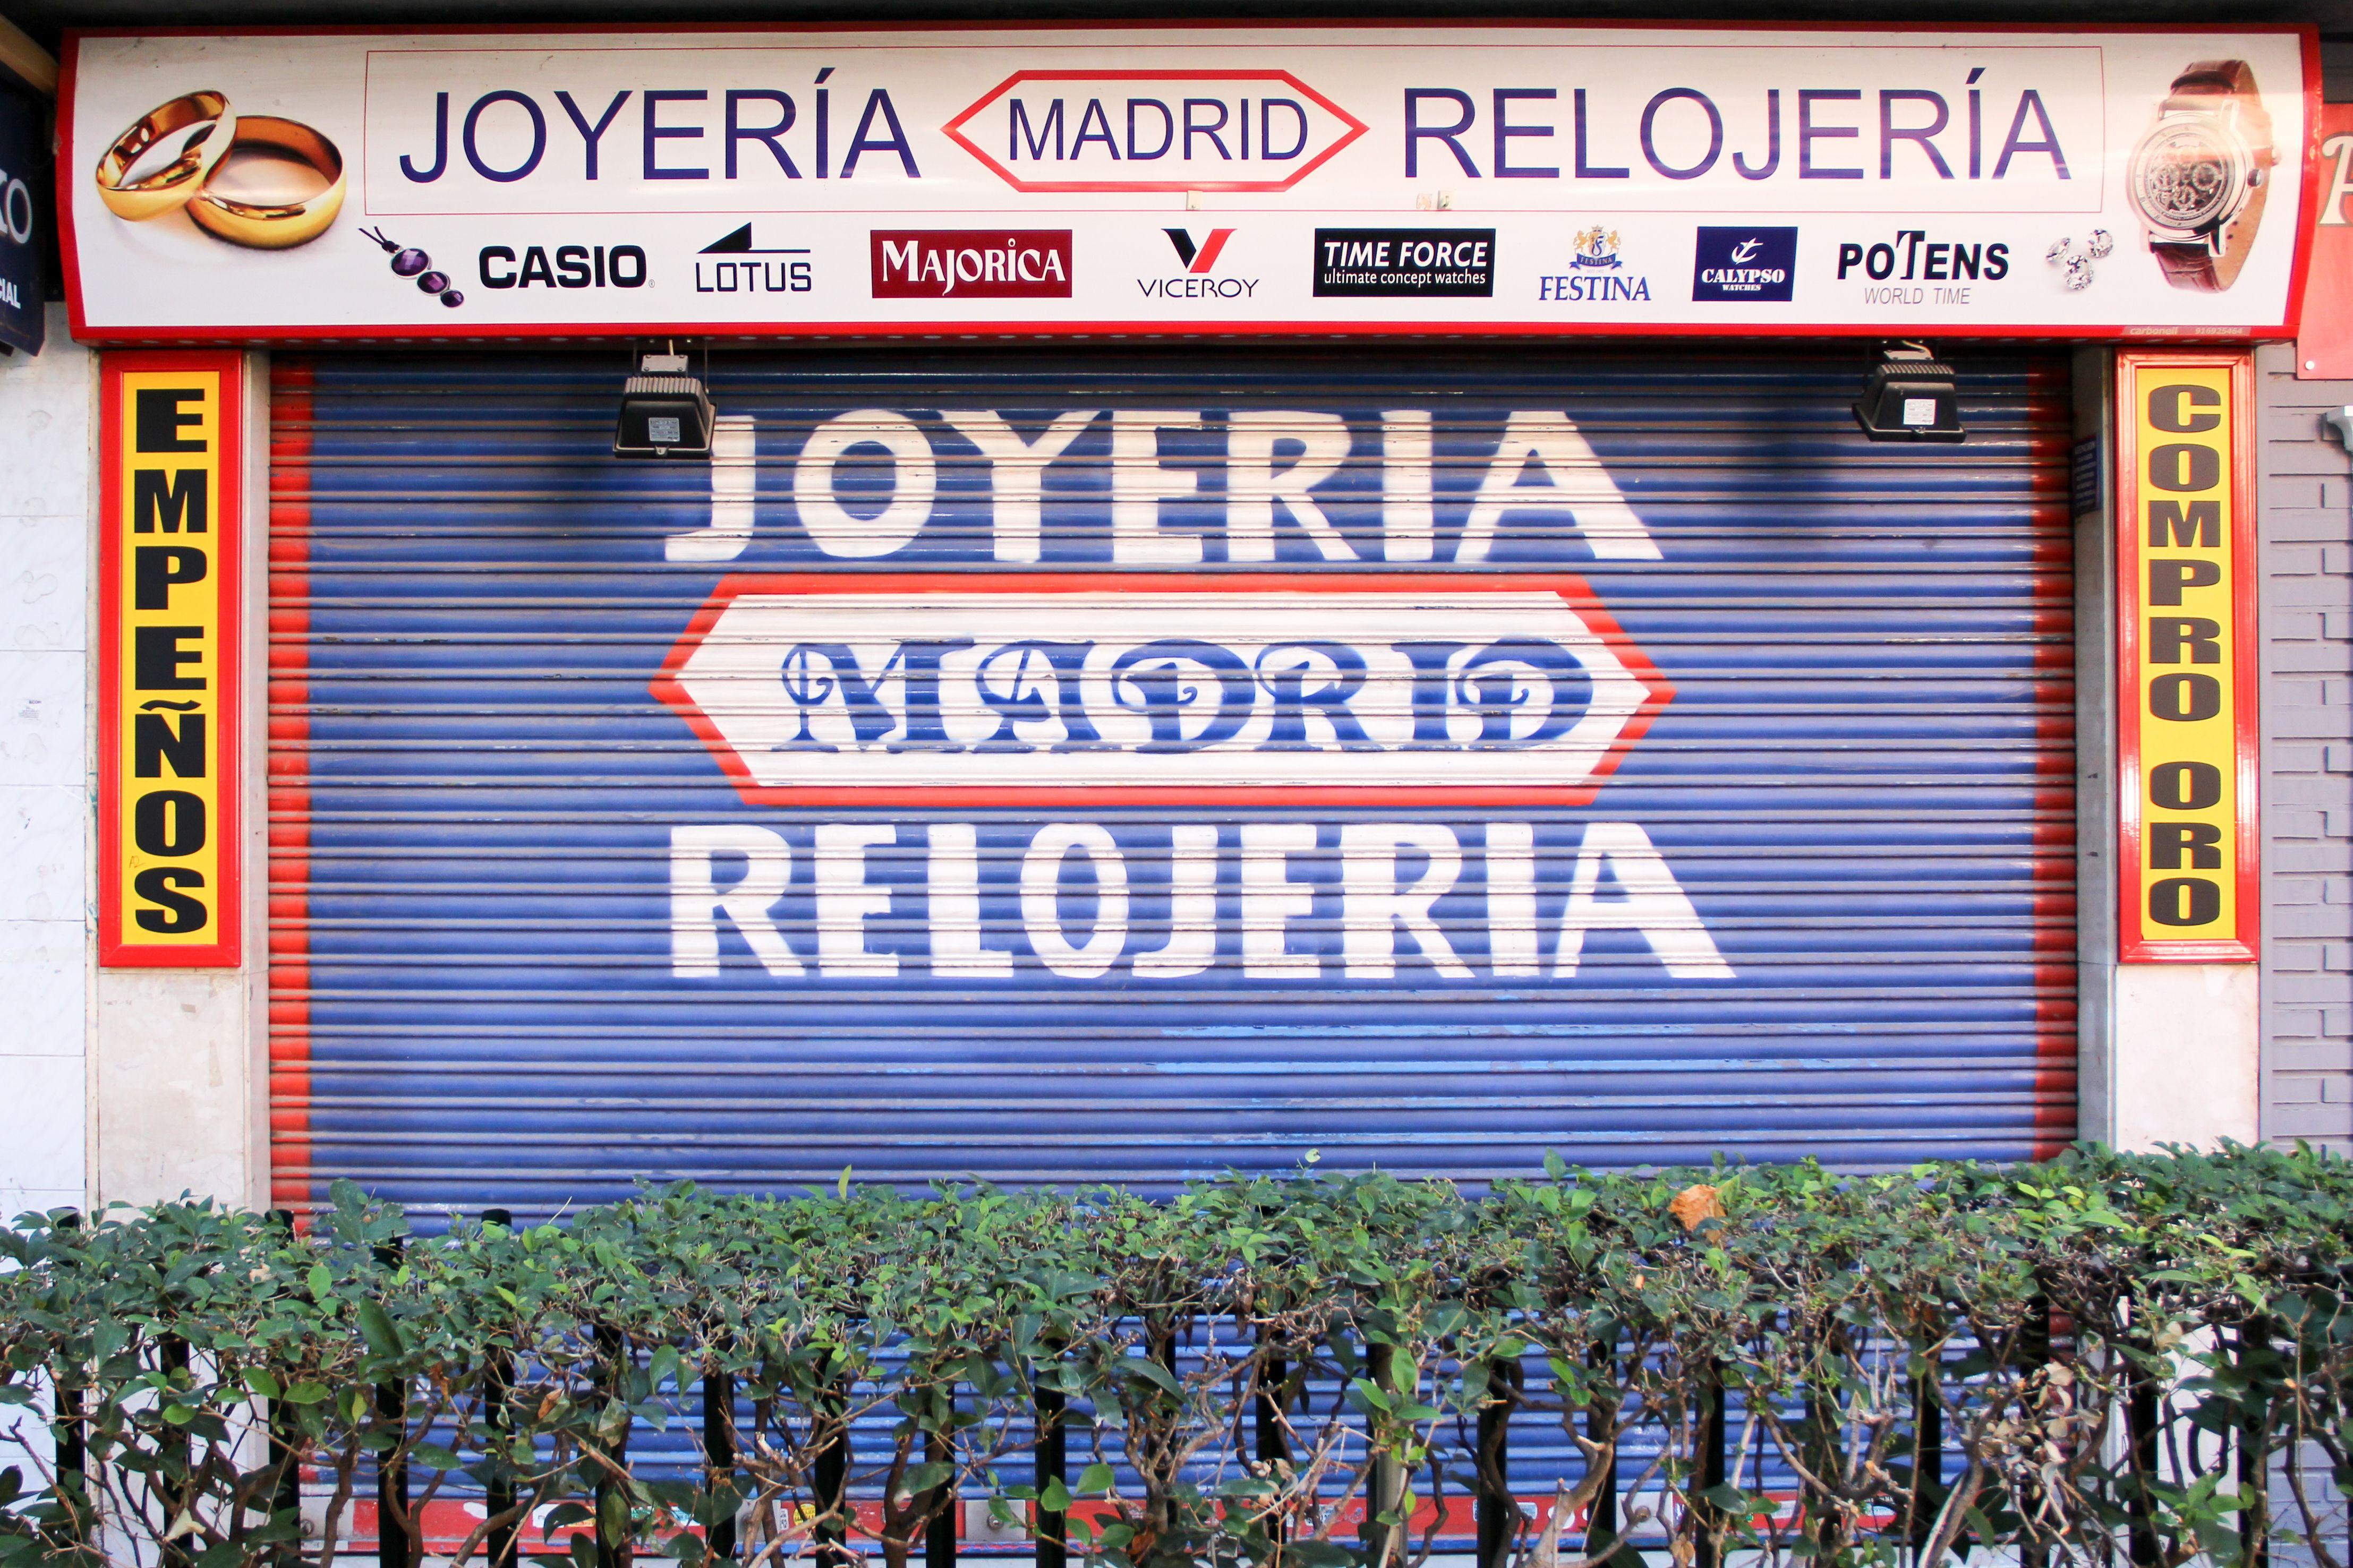 Joyería Madrid